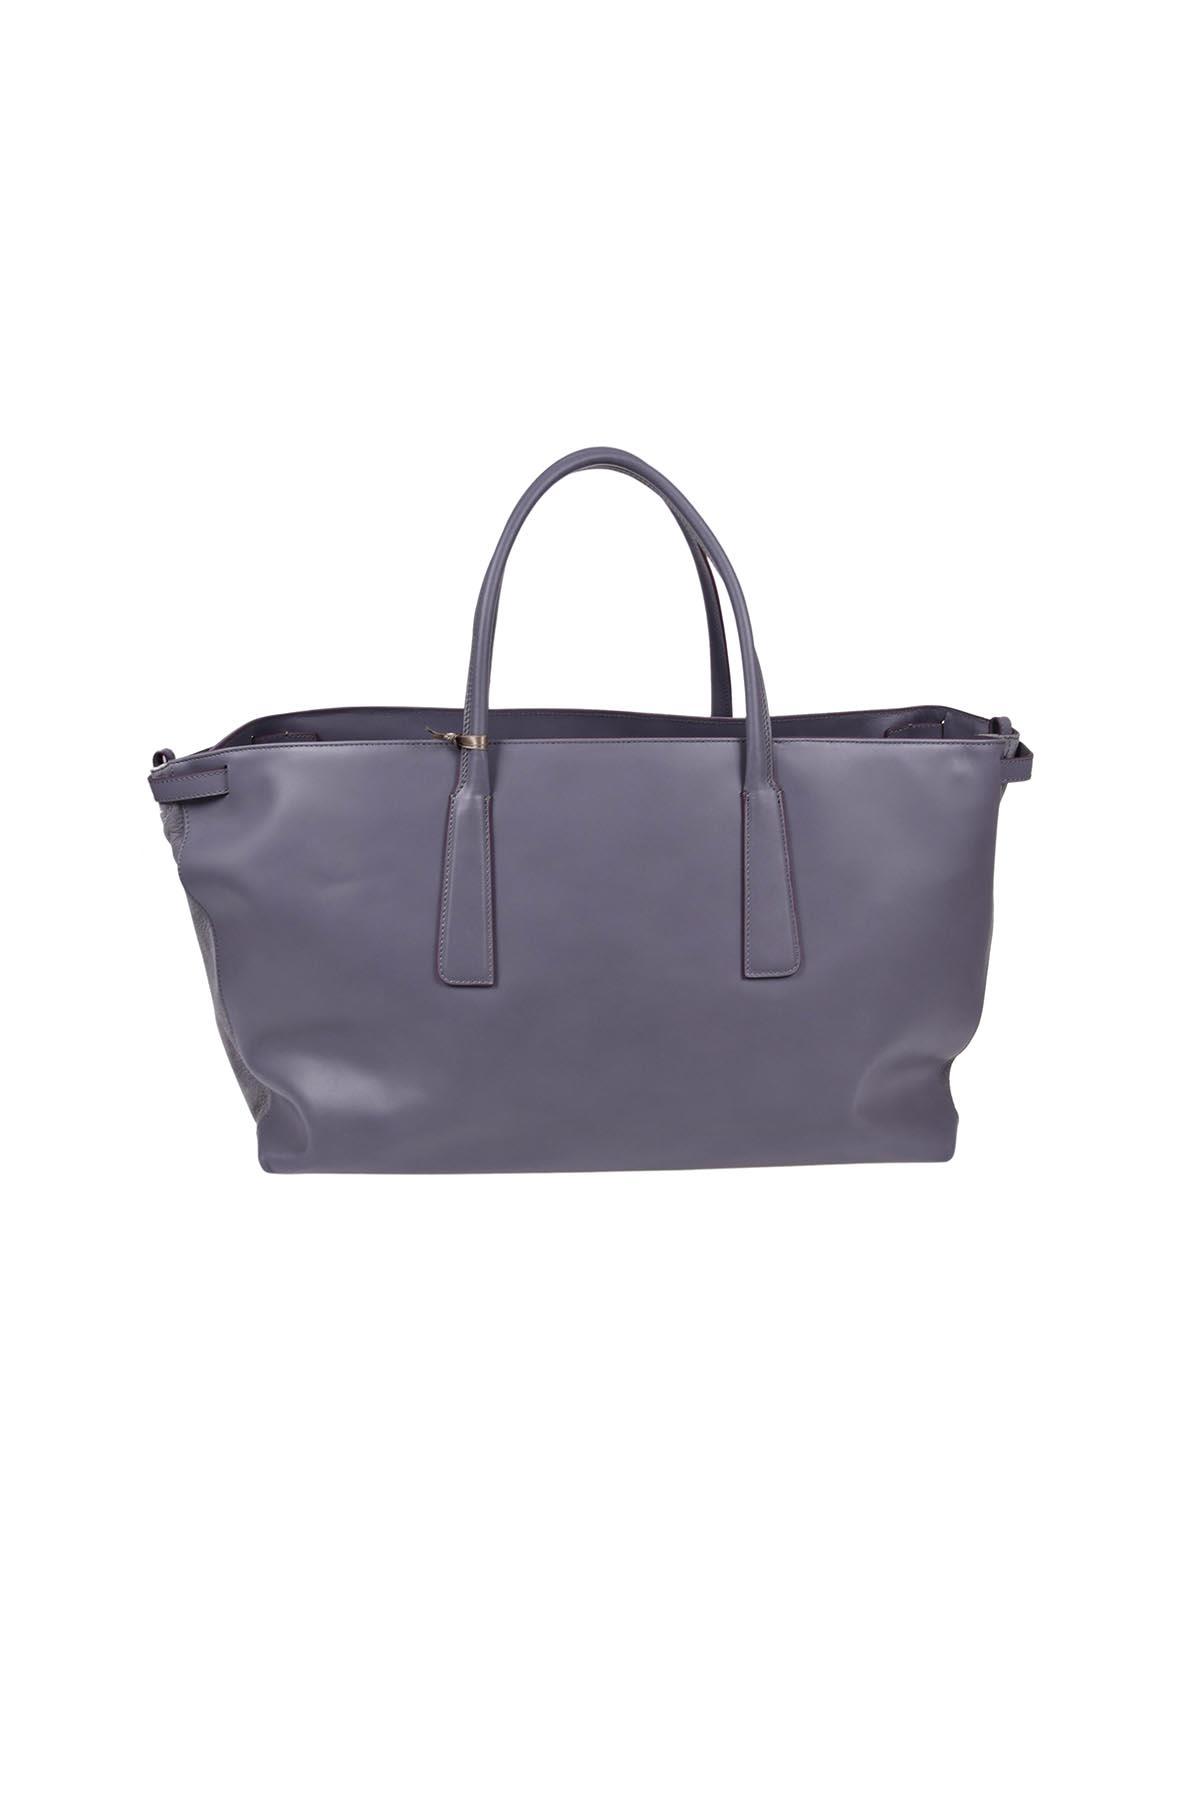 Zanellato Duo Origina Silk Large Bag